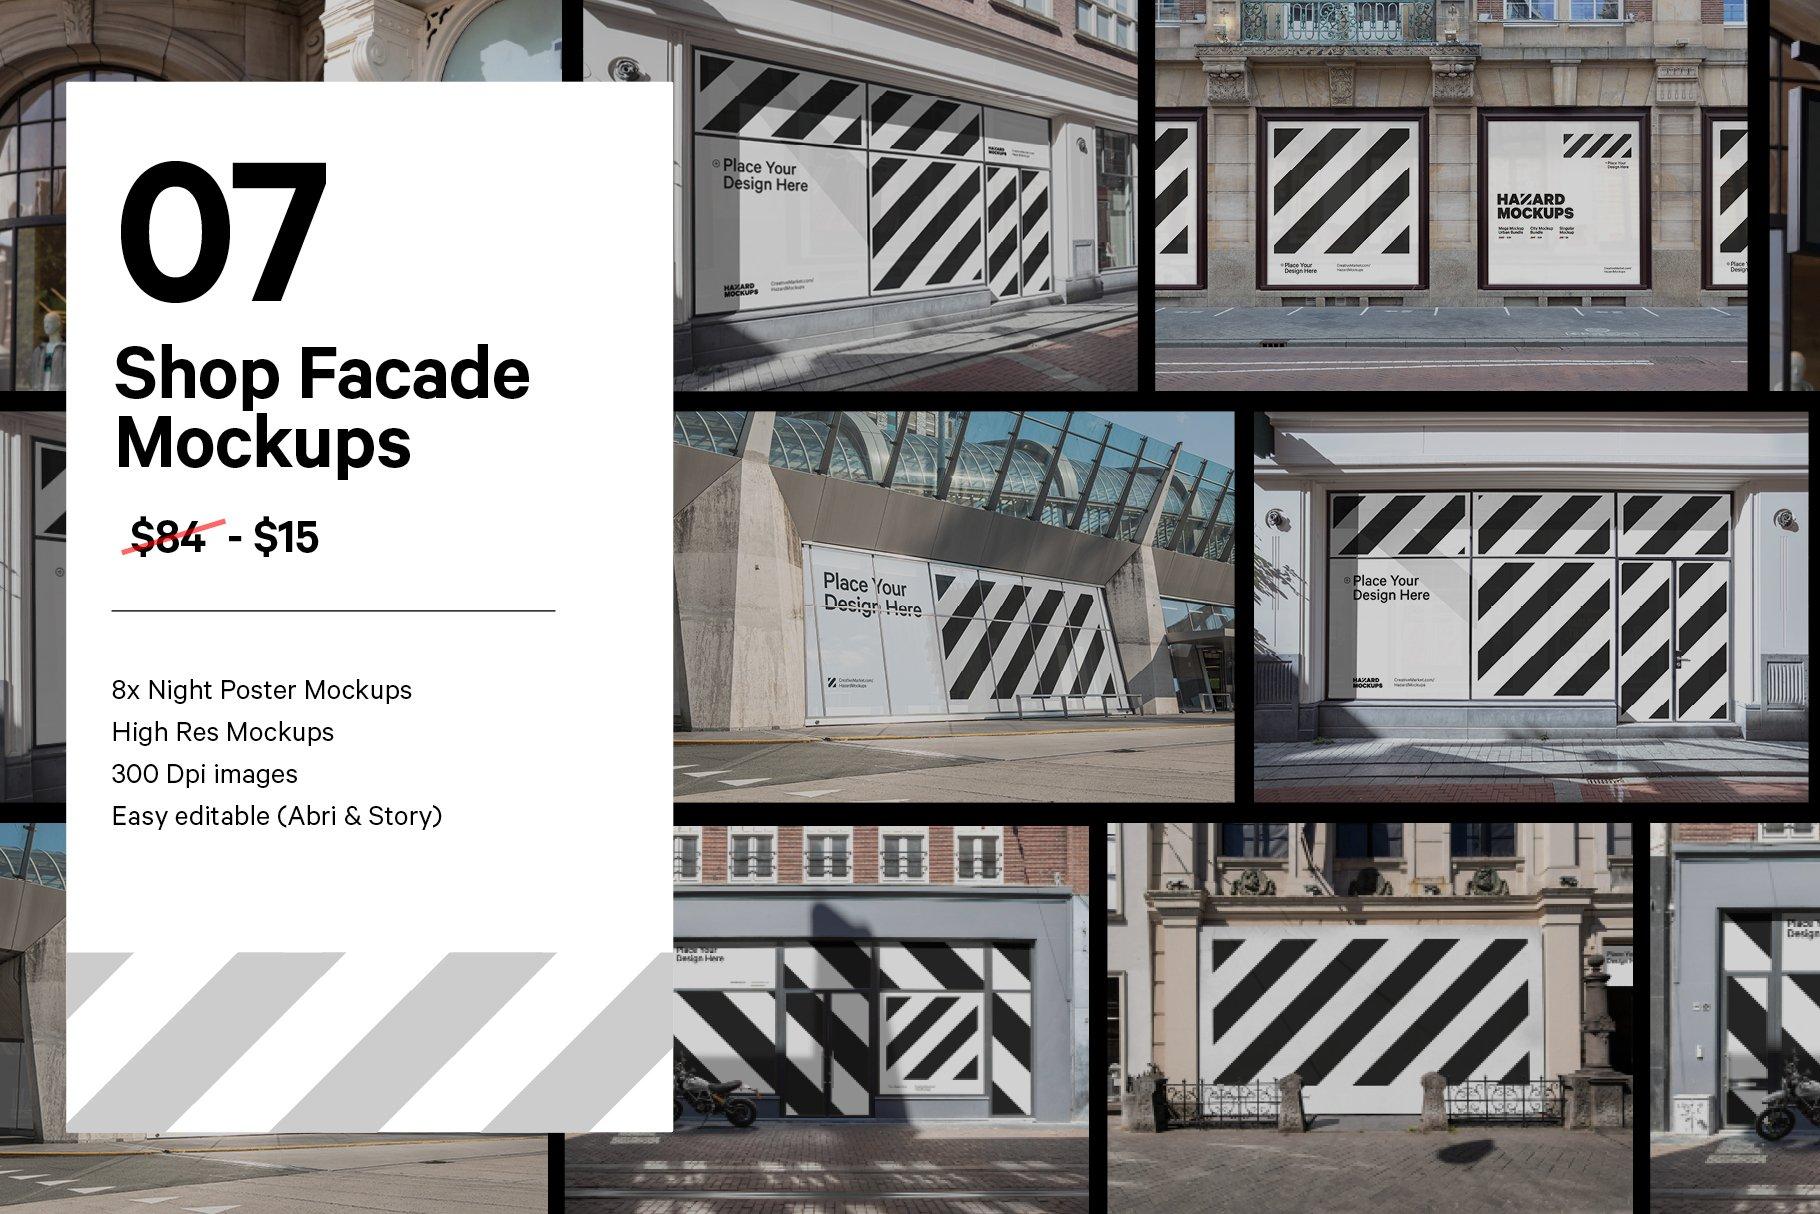 时尚街头店铺外里面橱窗玻璃贴纸广告海报设计展示样机 Shop Facade Mockup Bundle插图